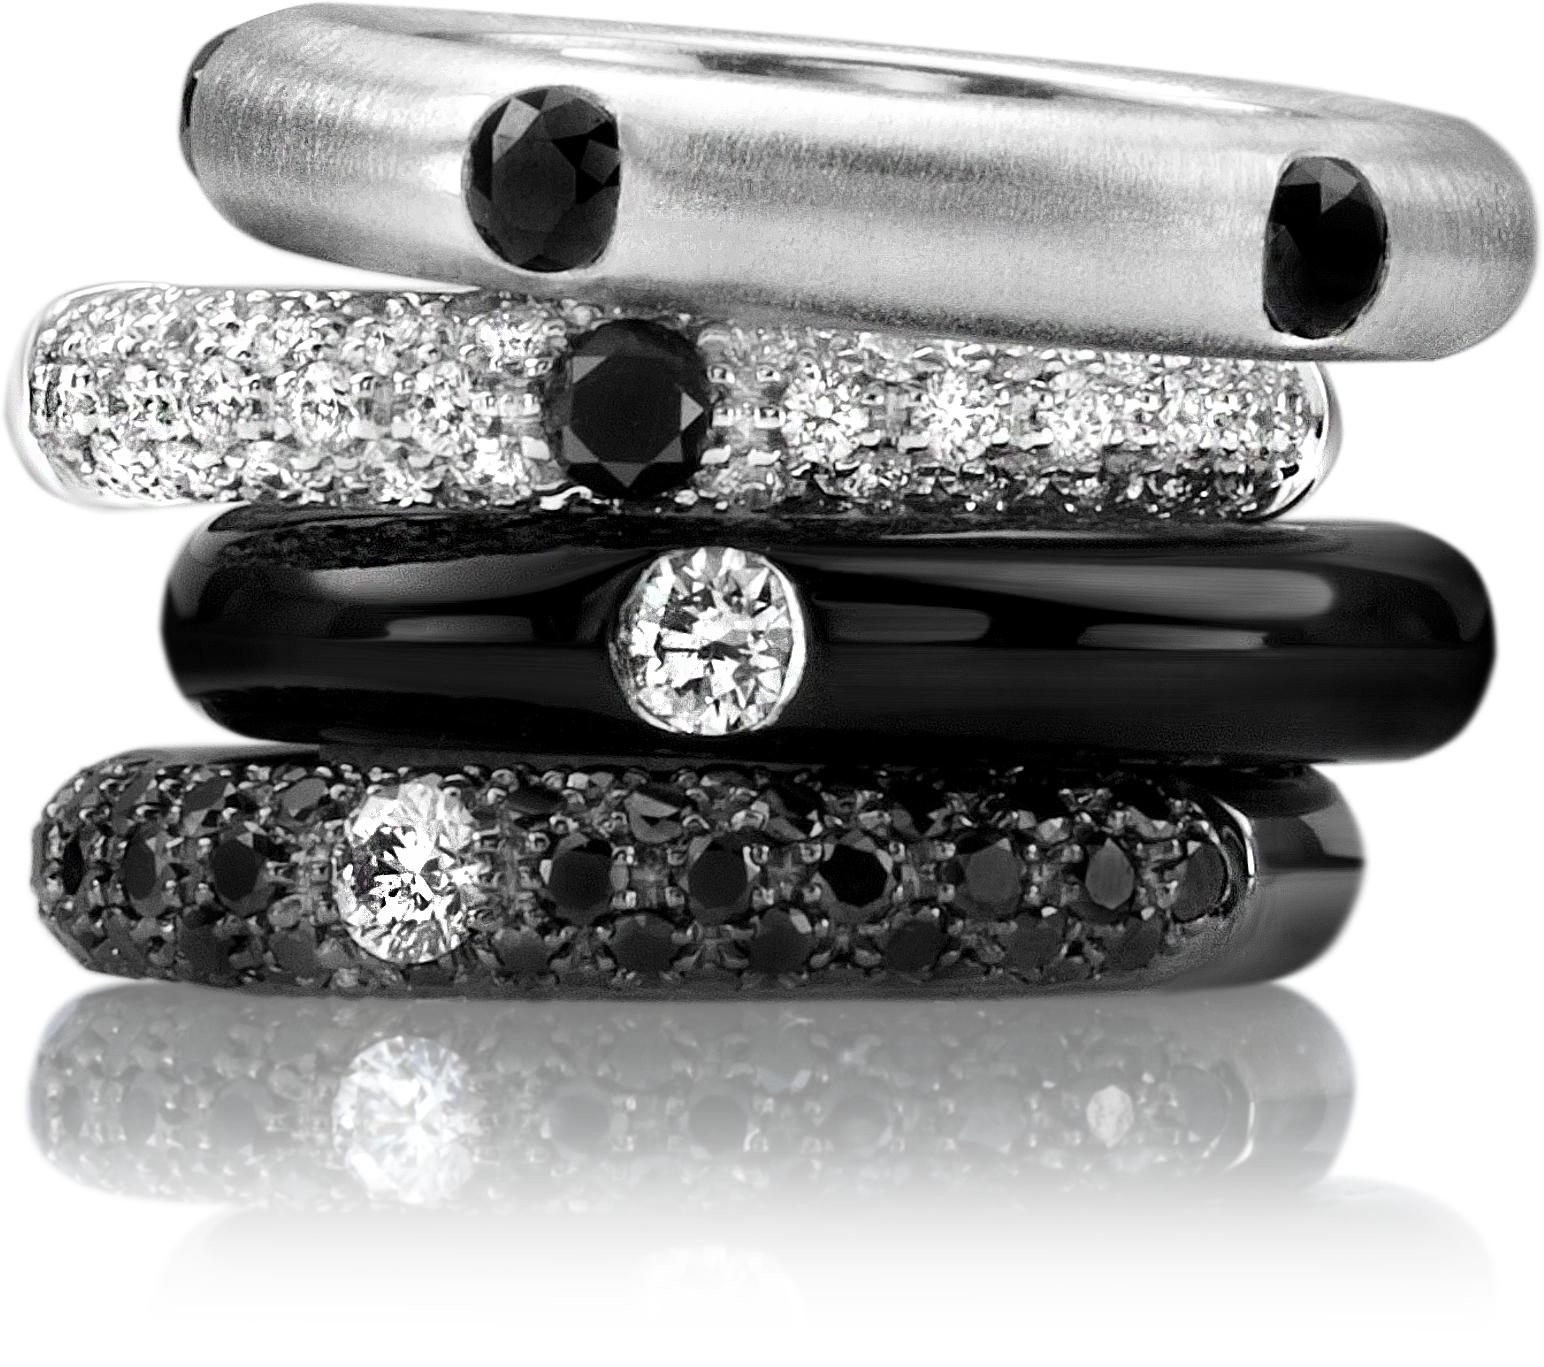 juwelier kruzik adolfo courrier bianco & nero